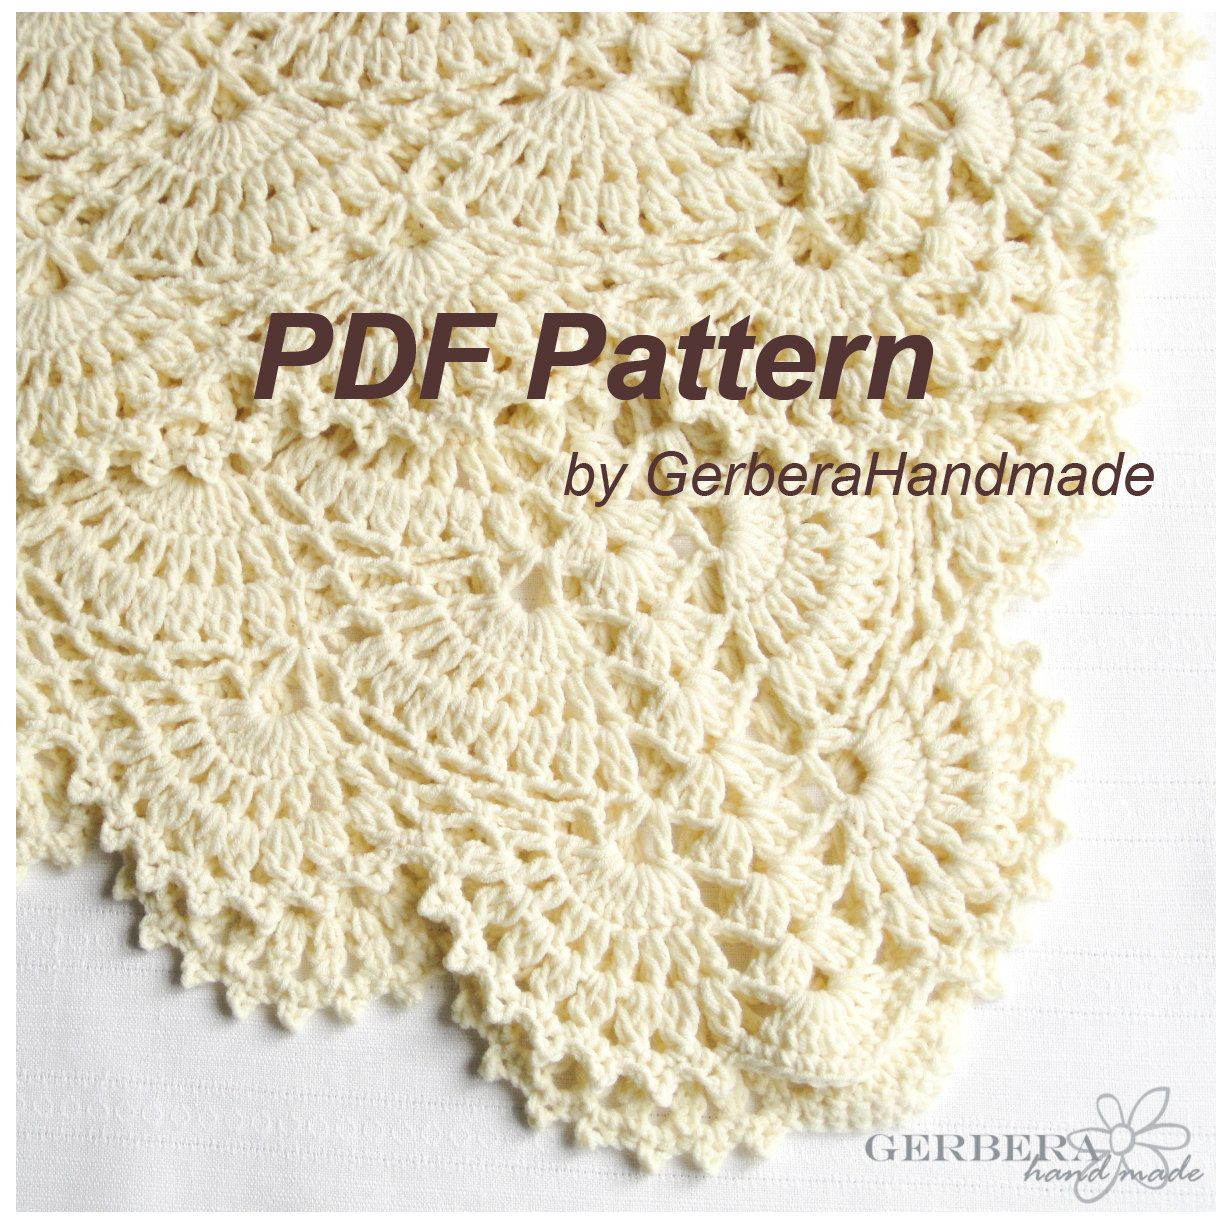 Crochet pattern baby blanket tutorial crochet pdf creame baby crochet pattern baby blanket tutorial crochet pdf creame baby afghan ebook free shipping dt1010fo